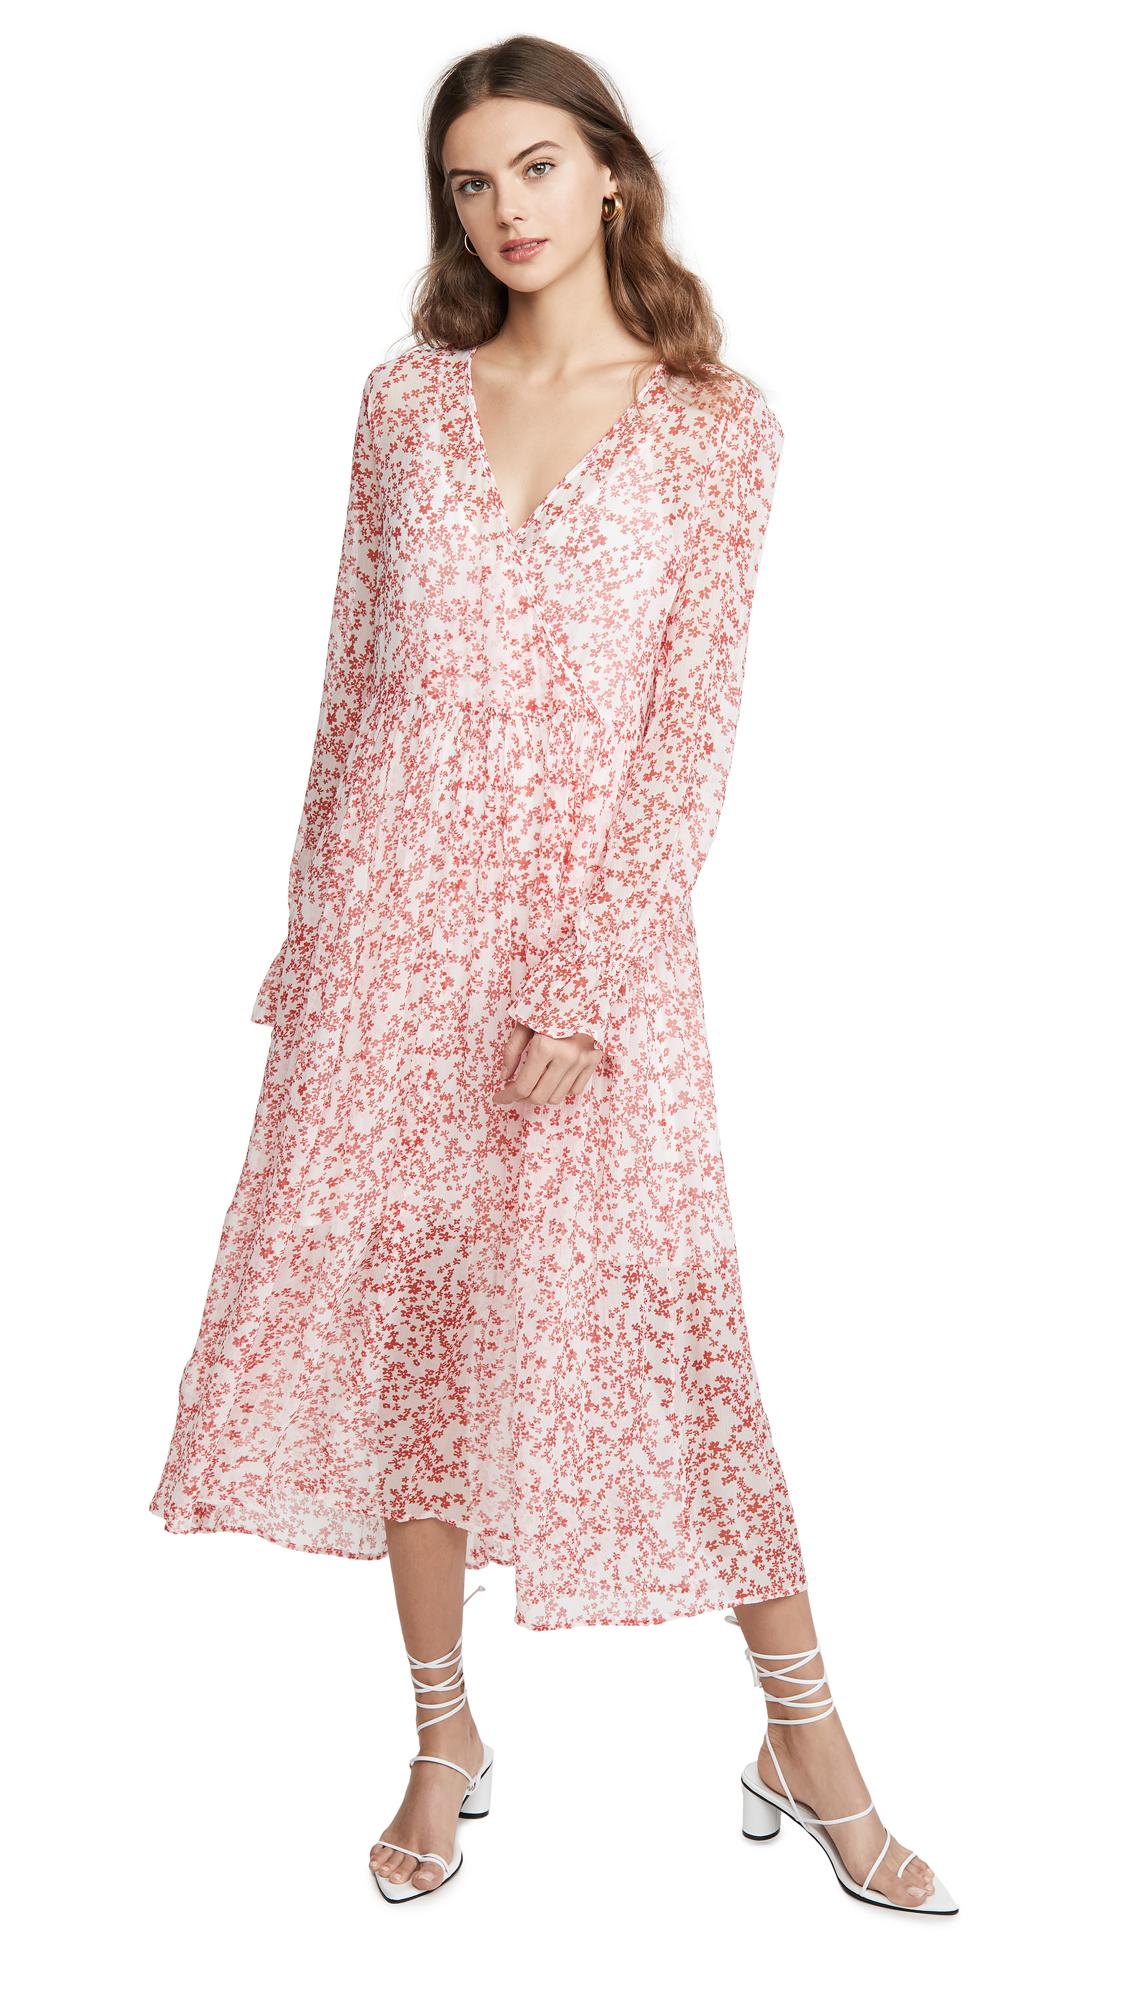 Buy BAUM UND PFERDGARTEN Axelle Dress online beautiful BAUM UND PFERDGARTEN Clothing, Dresses